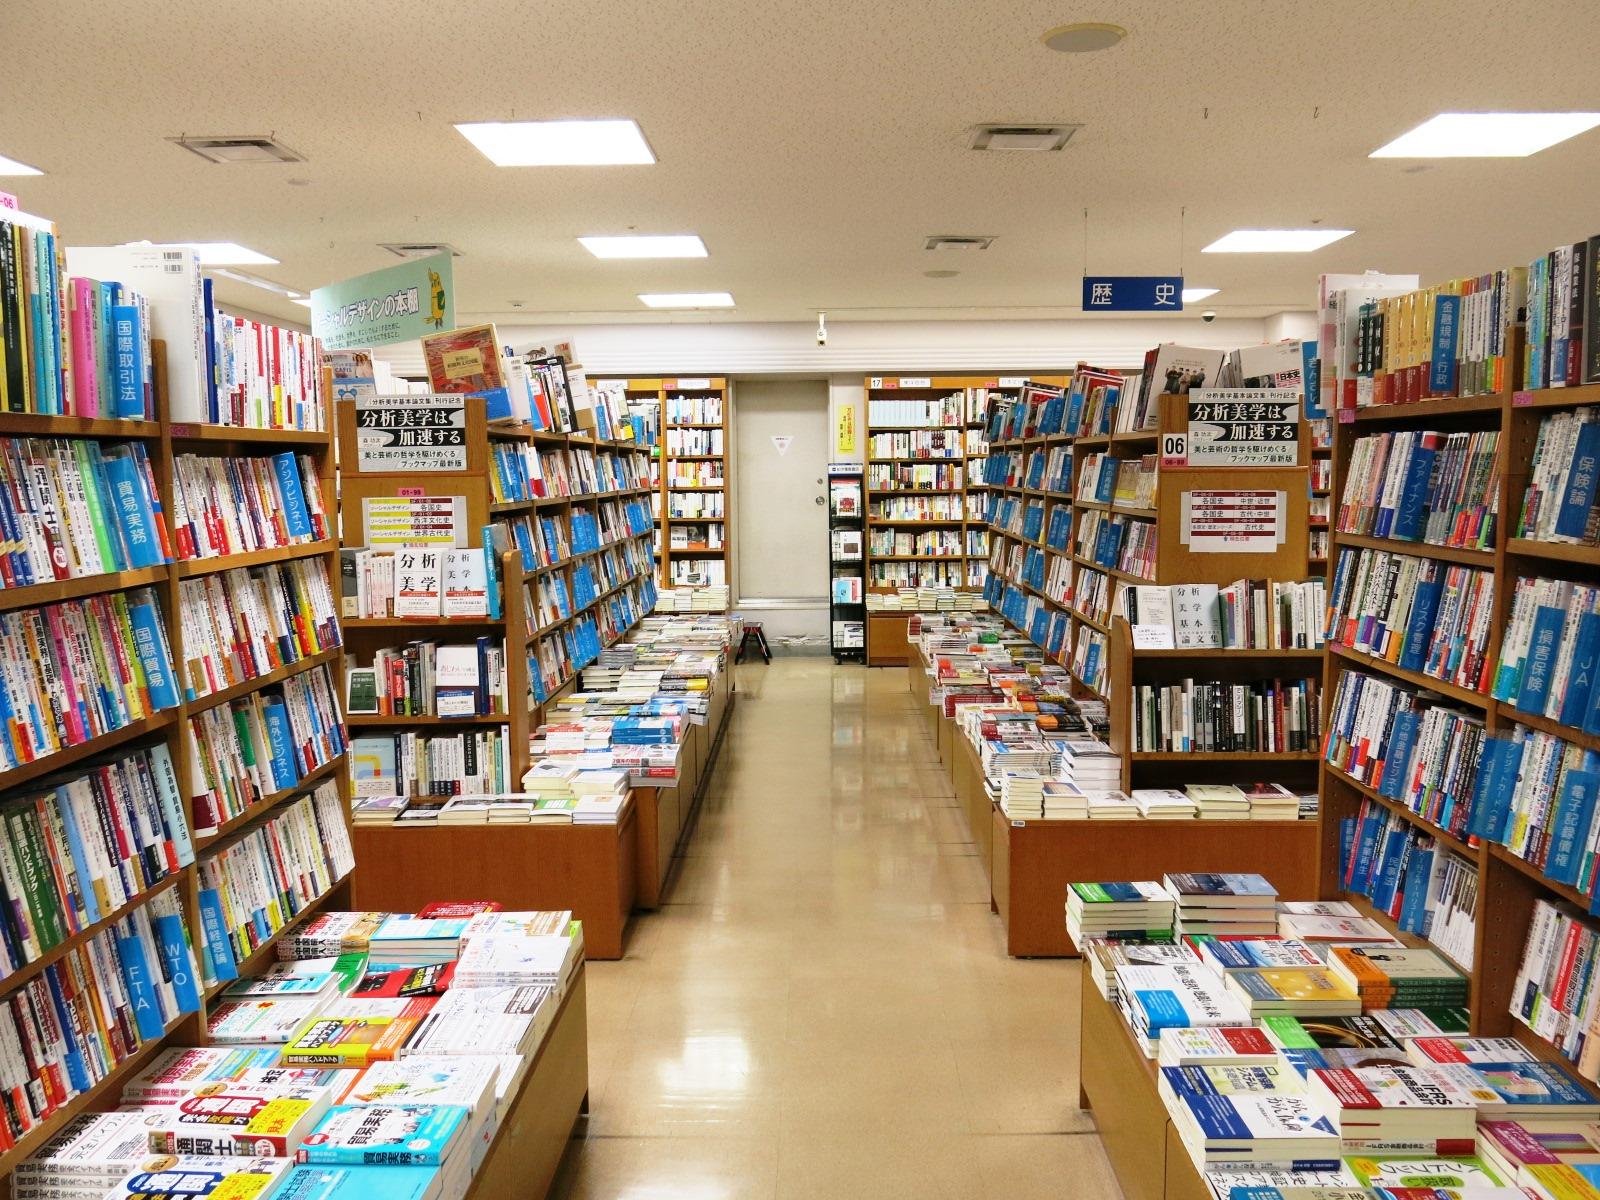 「分析美学は加速する」拡大版 紀伊國屋書店新宿南店